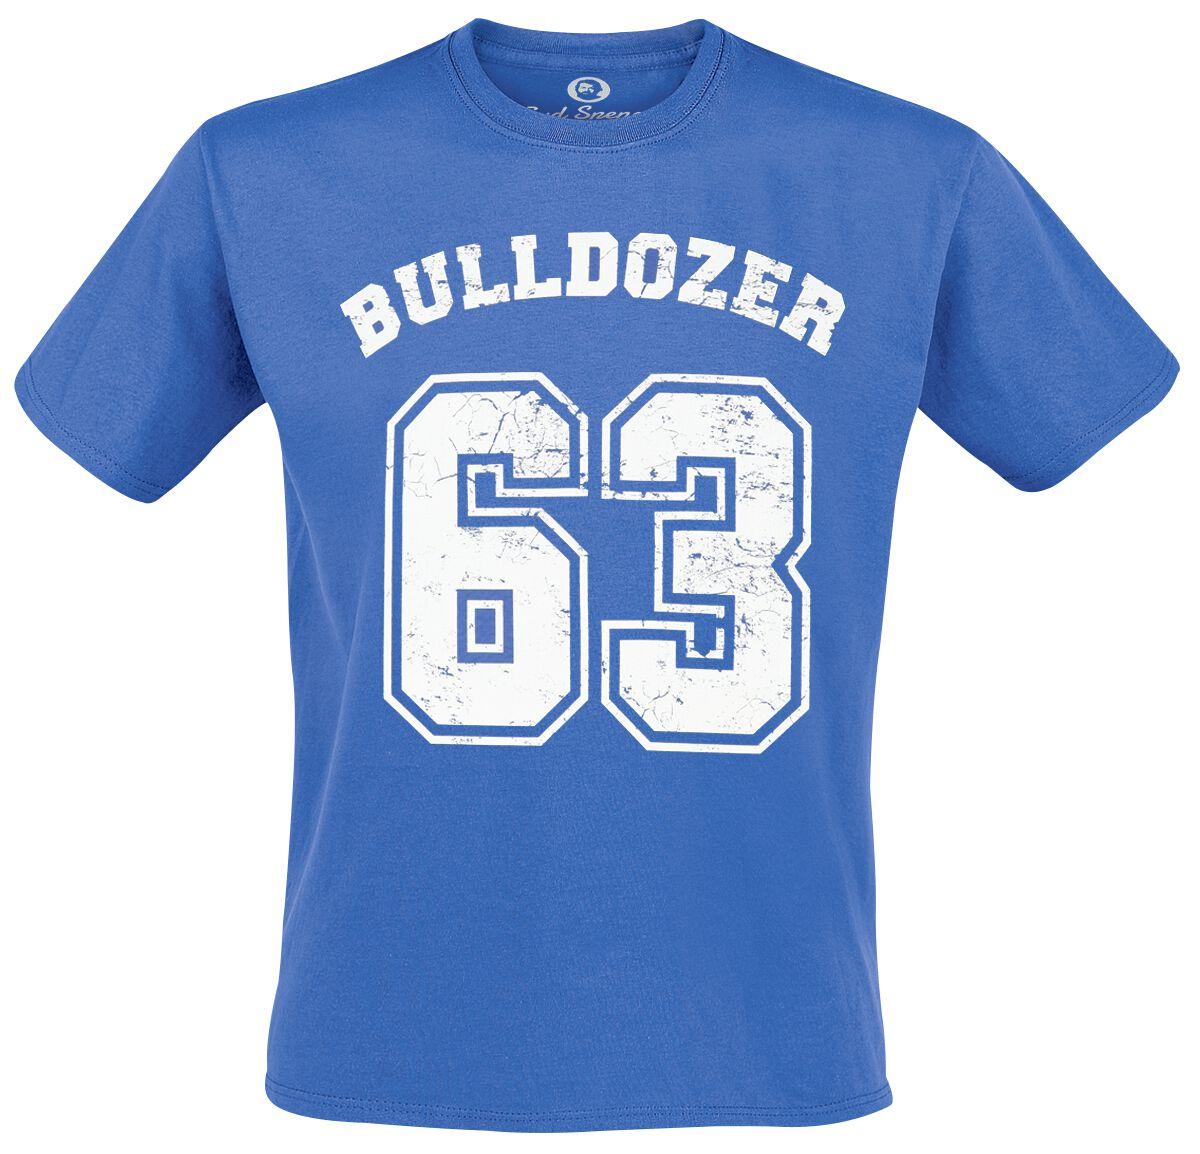 Merch dla Fanów - Koszulki - T-Shirt Bud Spencer Bulldozer T-Shirt niebieski - 340586